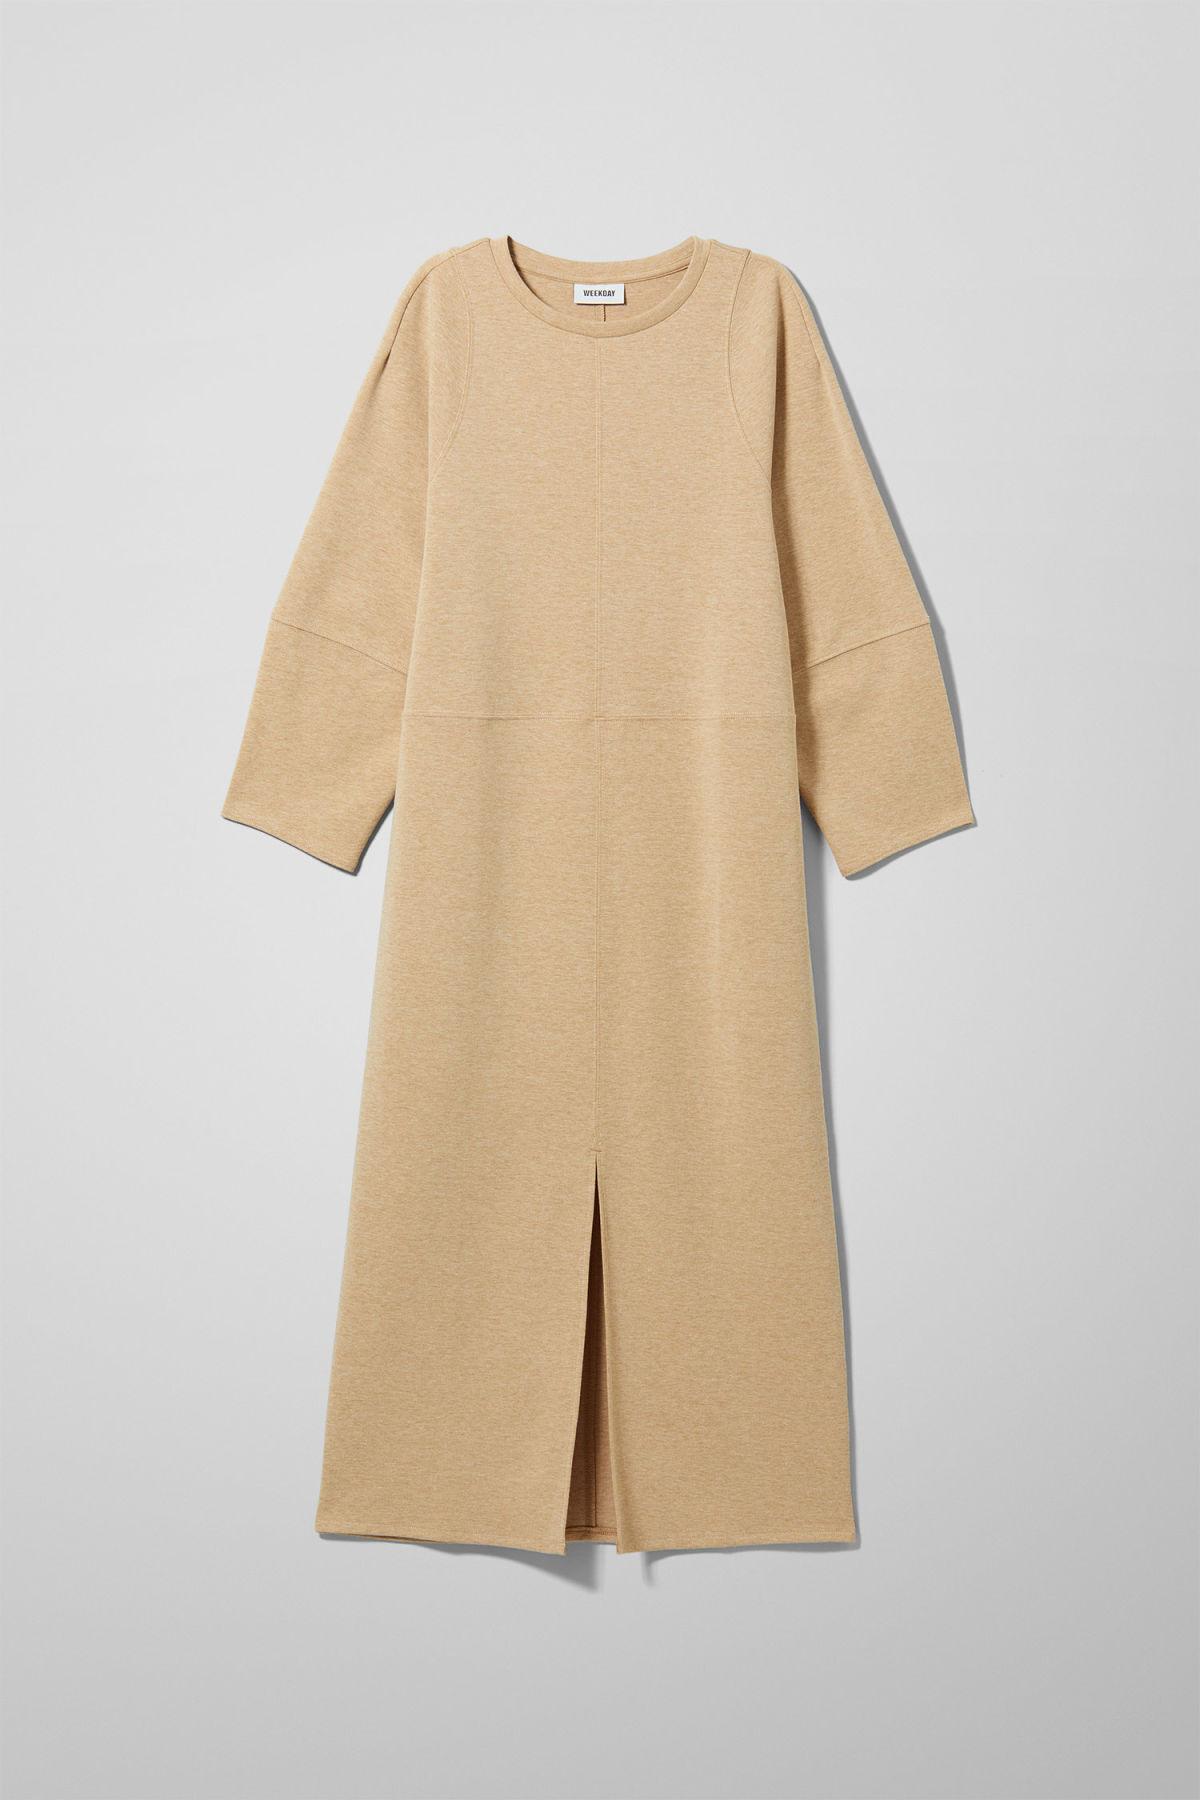 Image of Rena Dress - Beige-XS